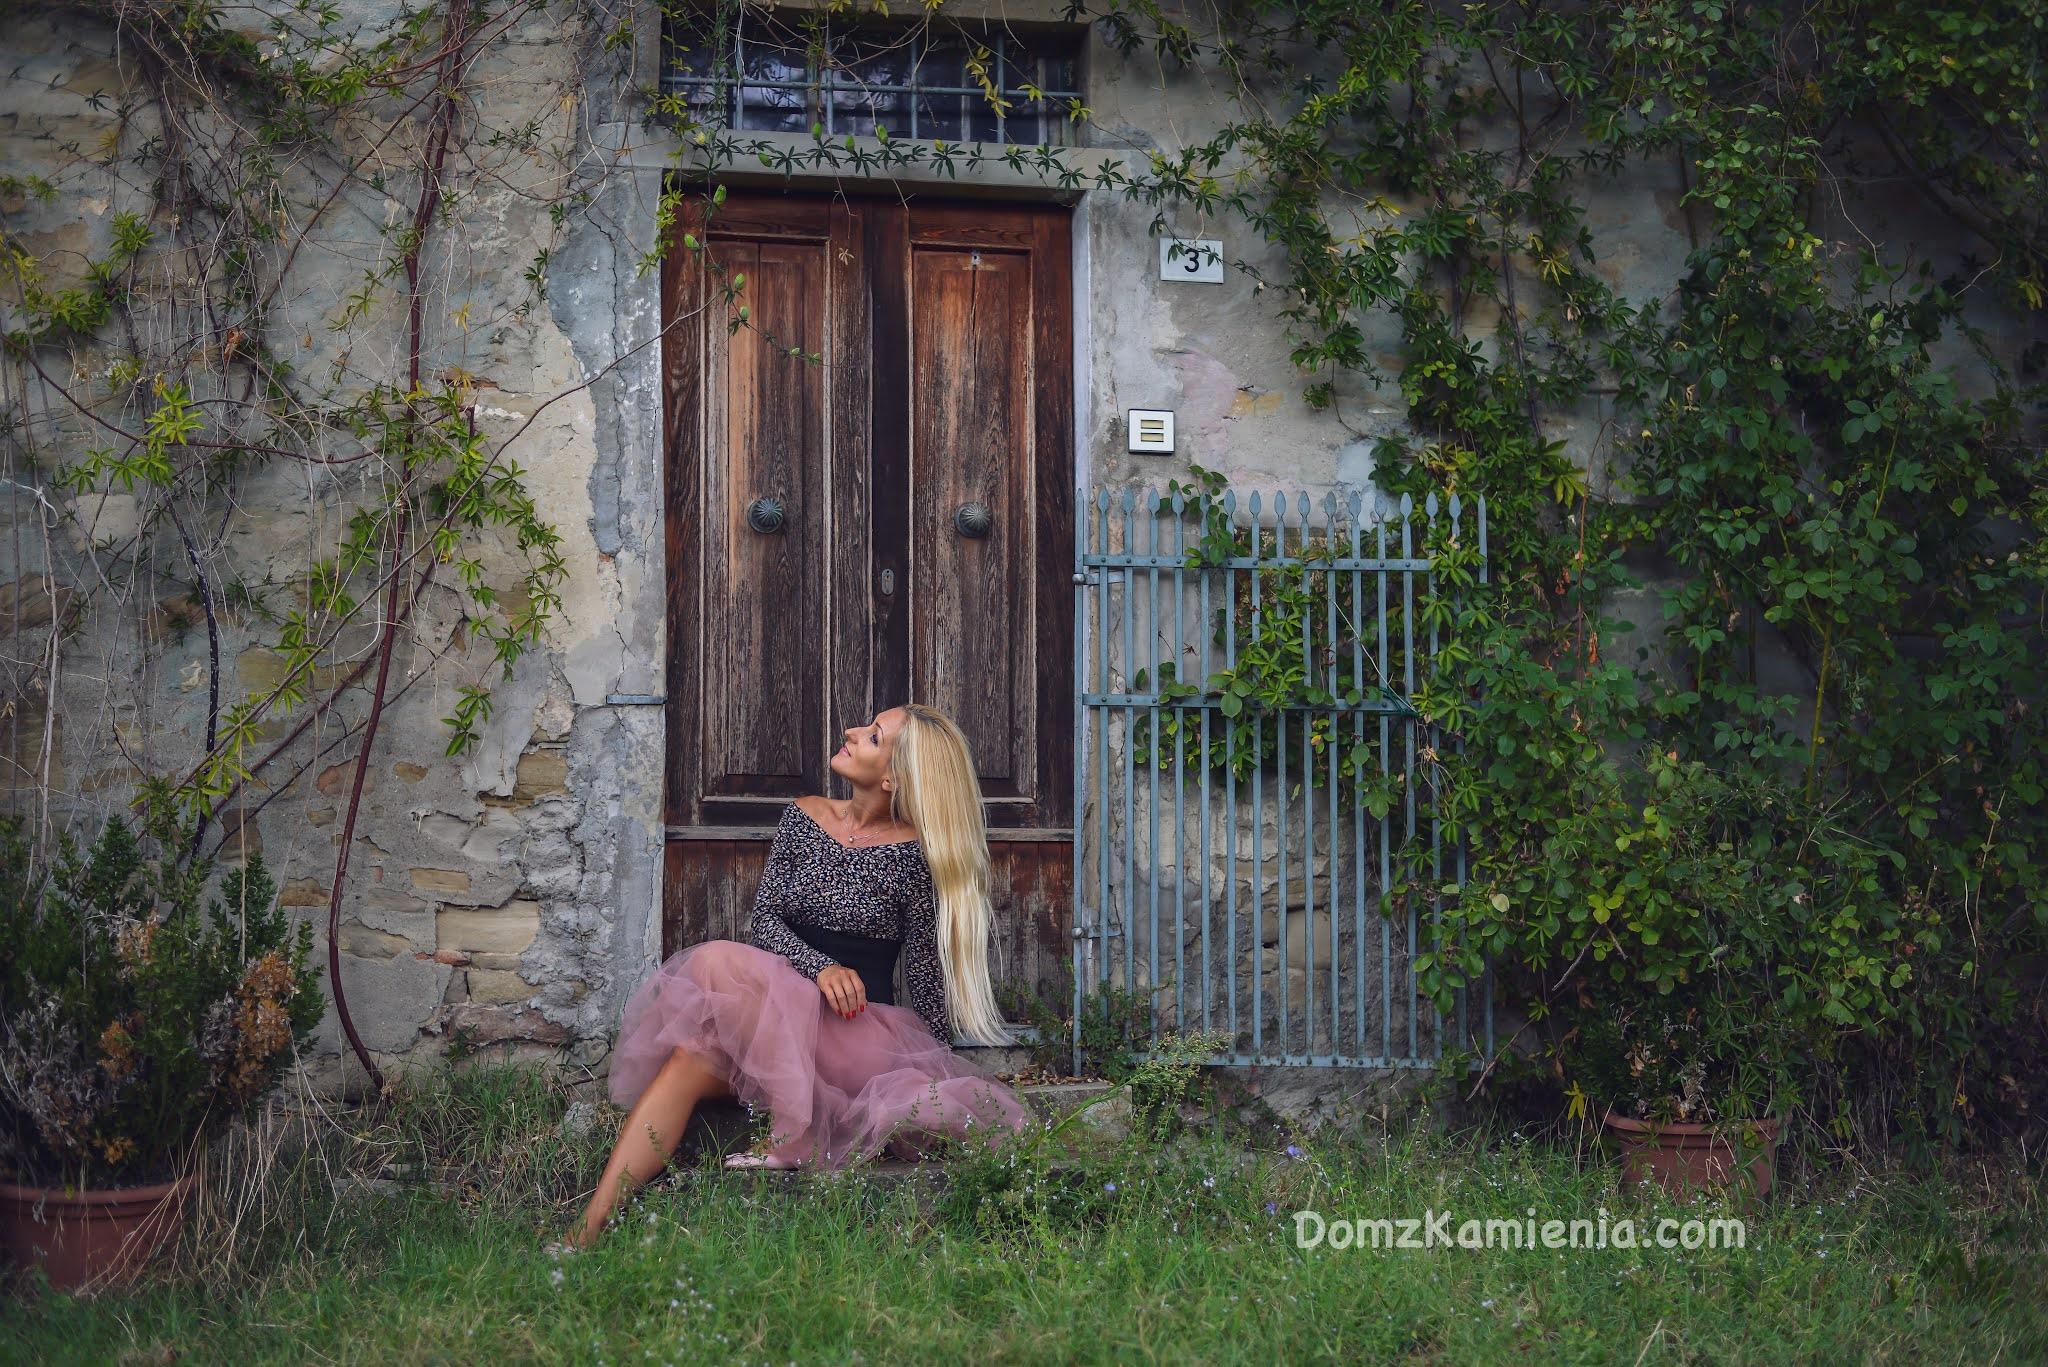 Dom z Kamienia, blog o życiu w Toskanii, Katarzyna Nowacka